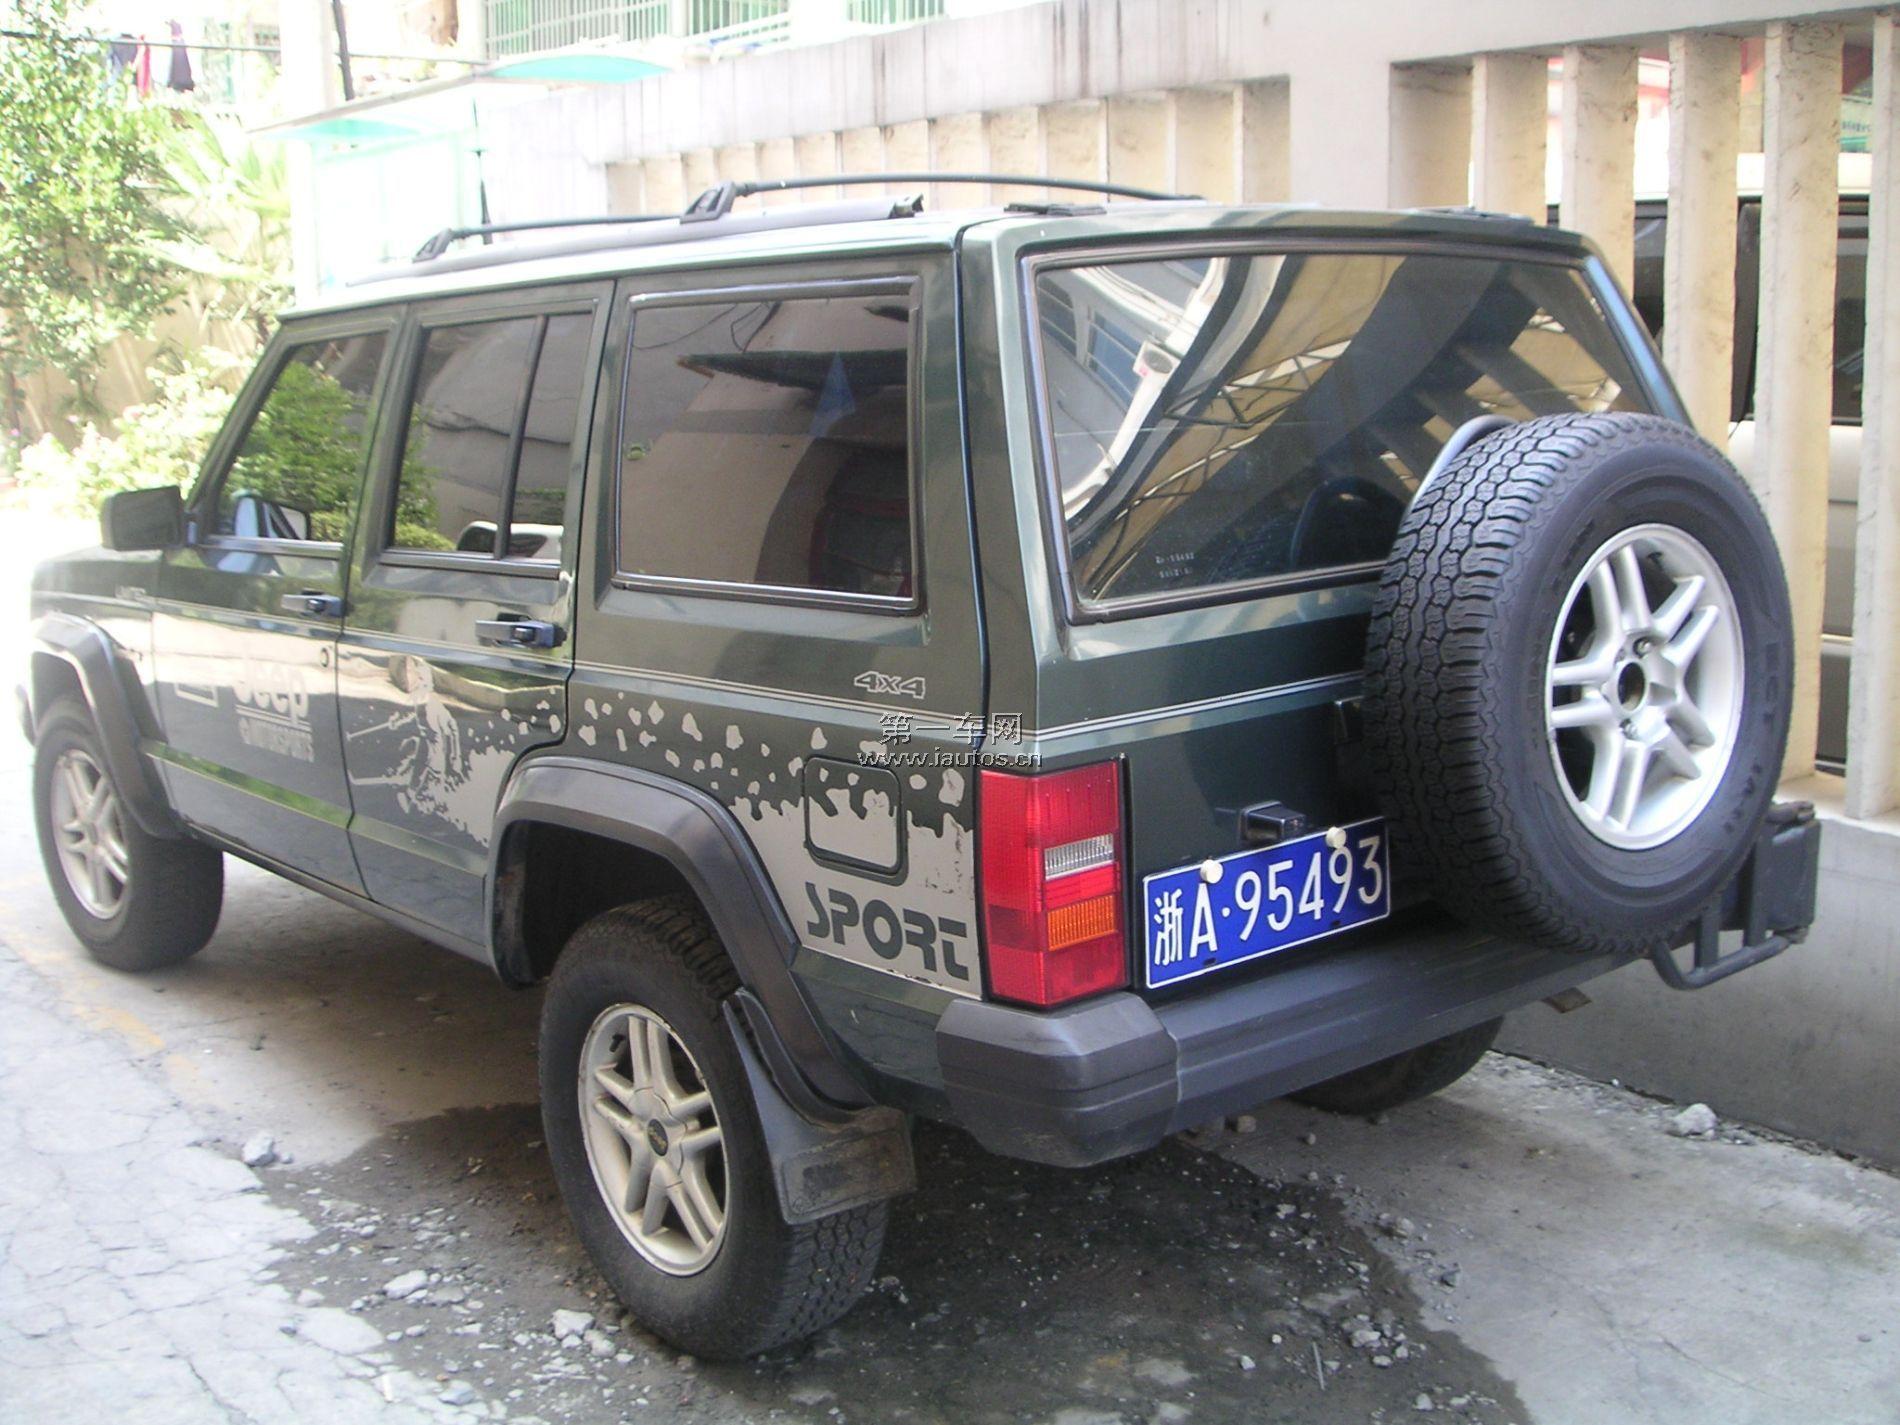 二手切诺基 浙江切诺基二手车 二手北京吉普高清图片